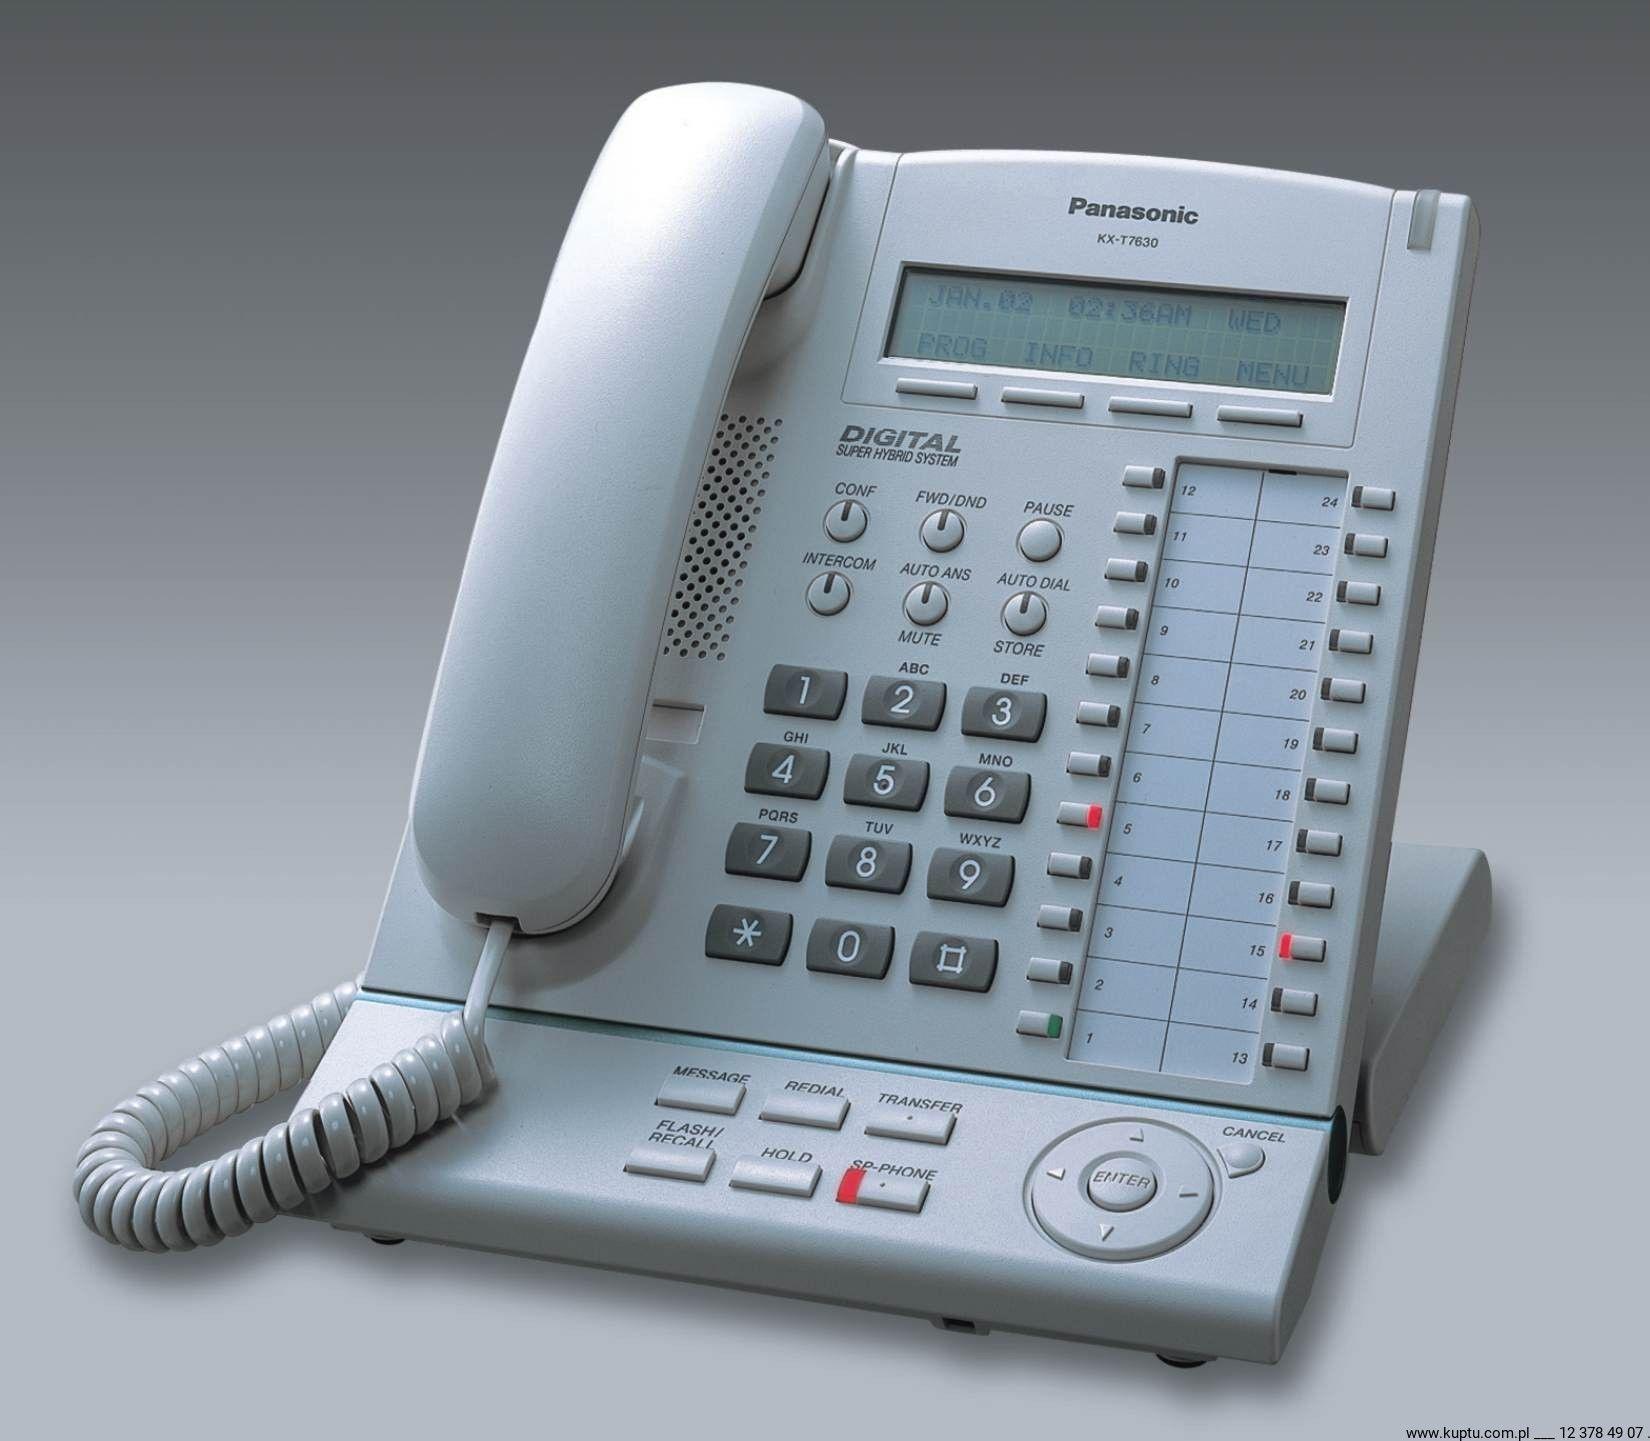 KX-T7630CE telefon systemowy UŻYWANY